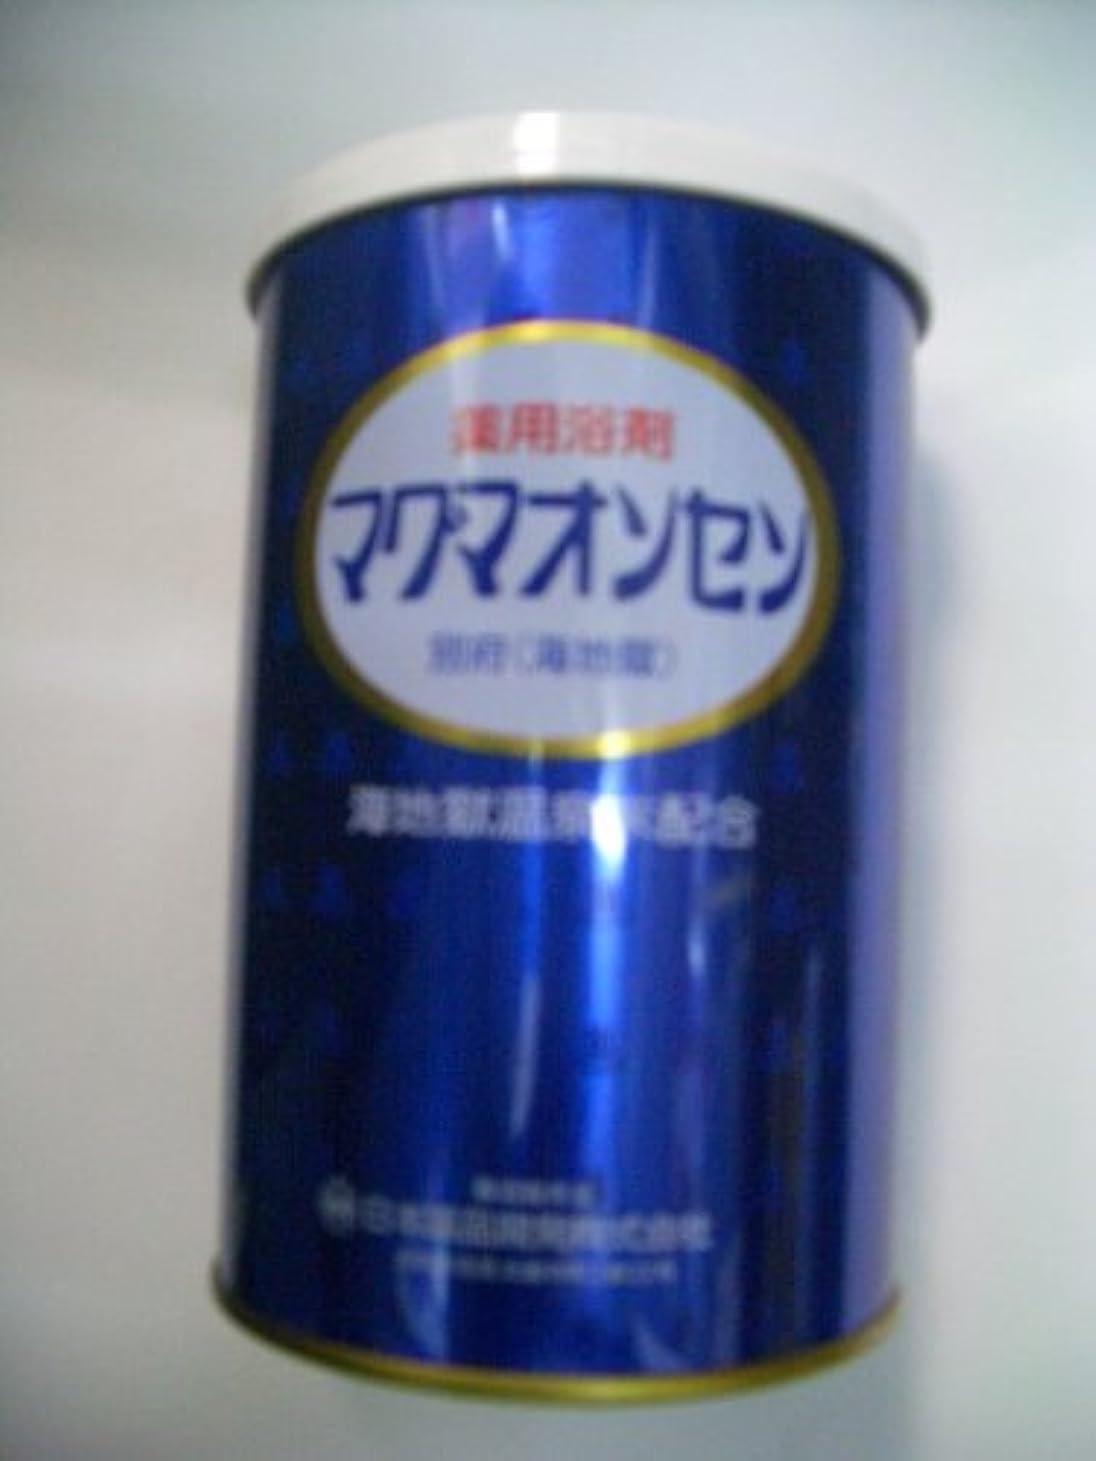 側願望固める別府温泉【マグマオンセン温泉】(海地獄)缶入500g 6個